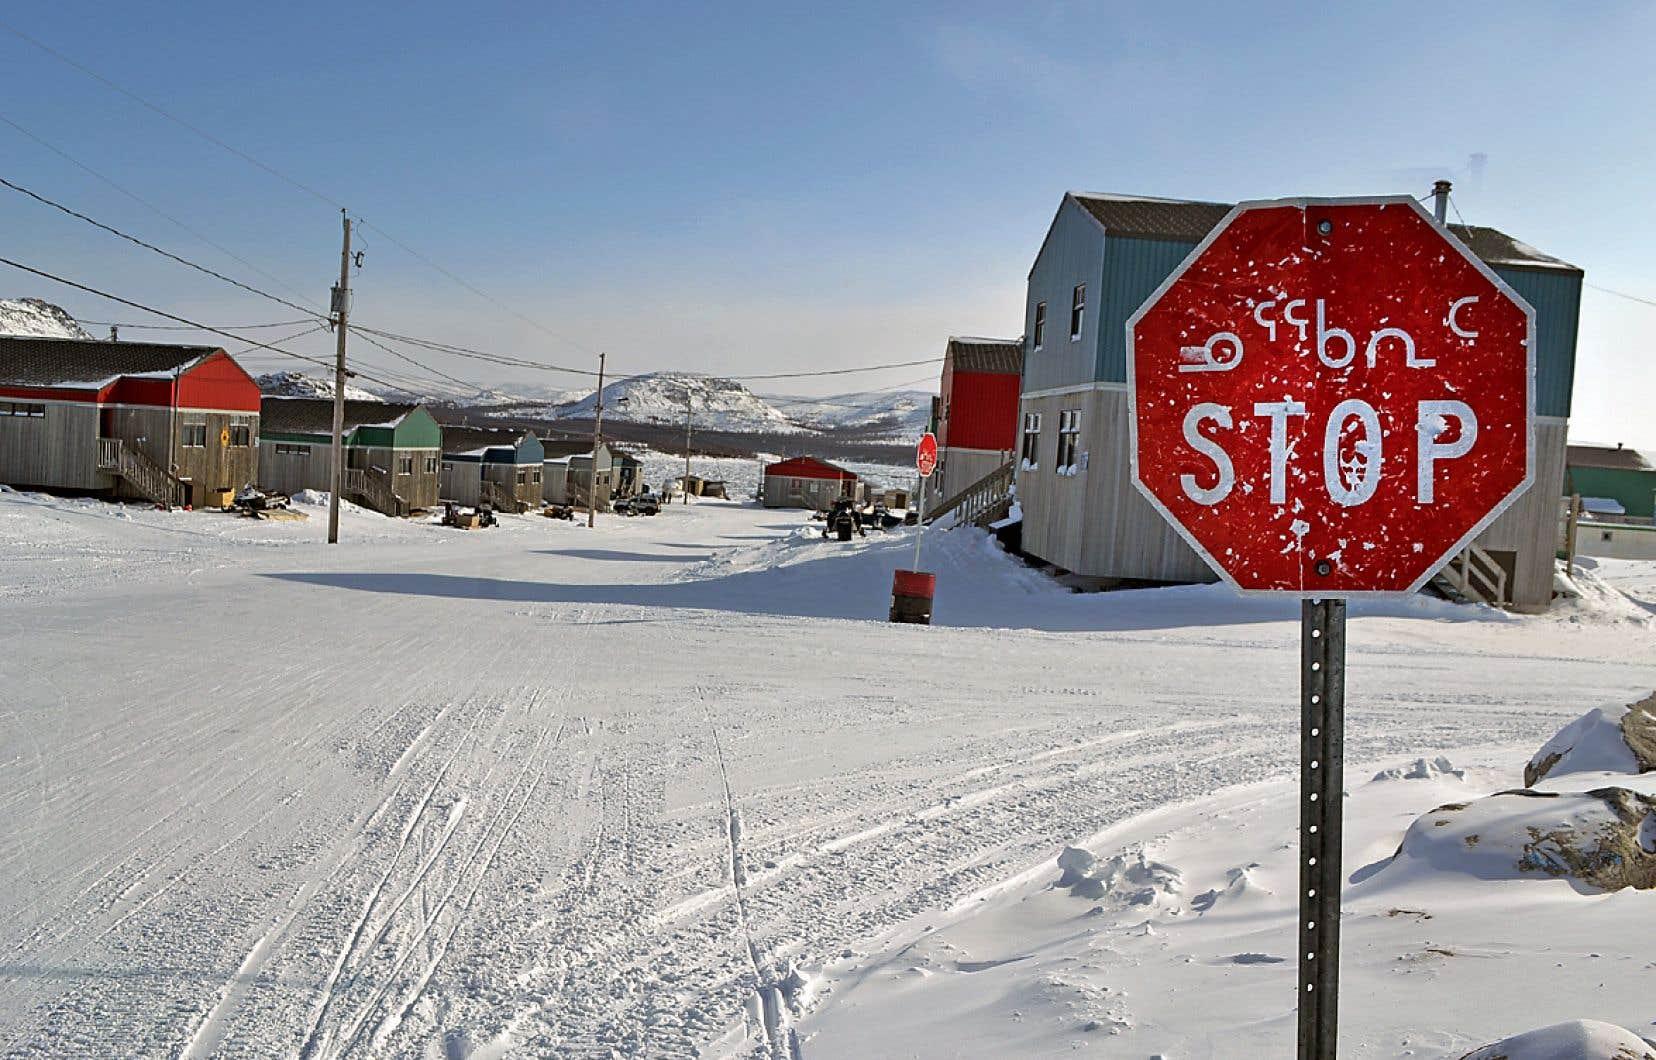 L'enquête de Judith Allison se transporte au Nunavik, au cœur de populations autochtones oscillant entre la survie, l'alcool et les vapeurs d'essence.